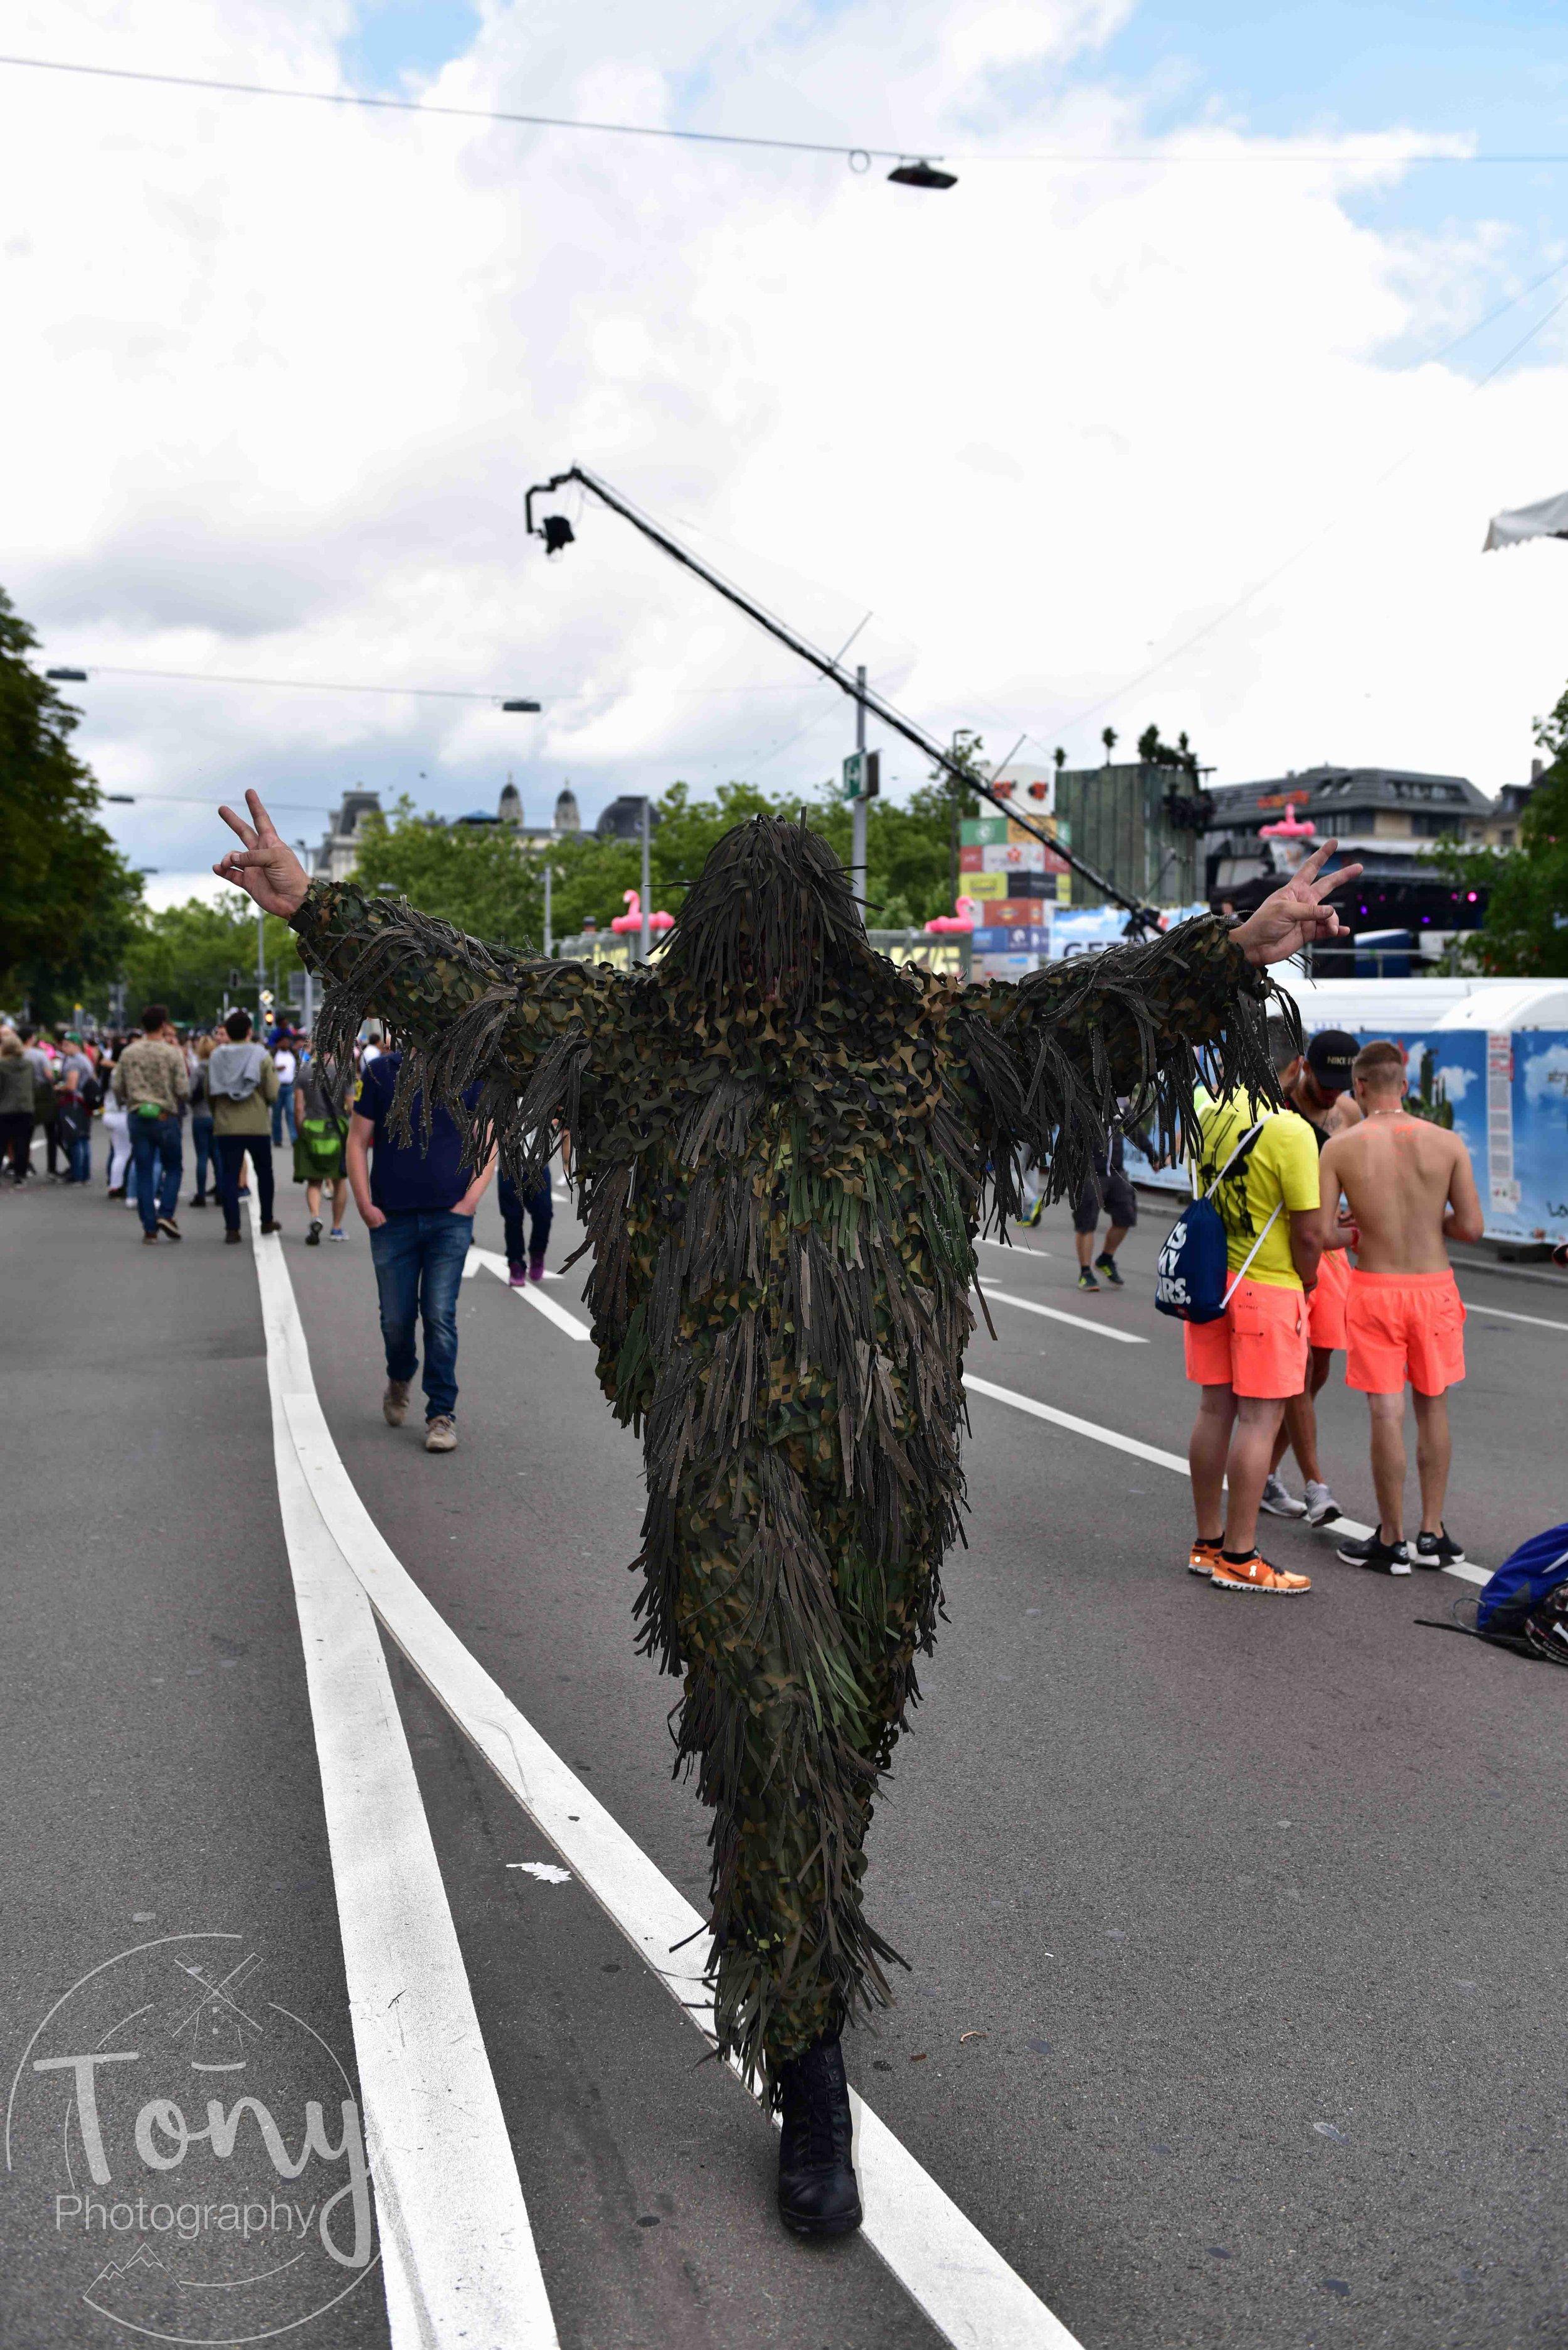 streetparade-4.jpg